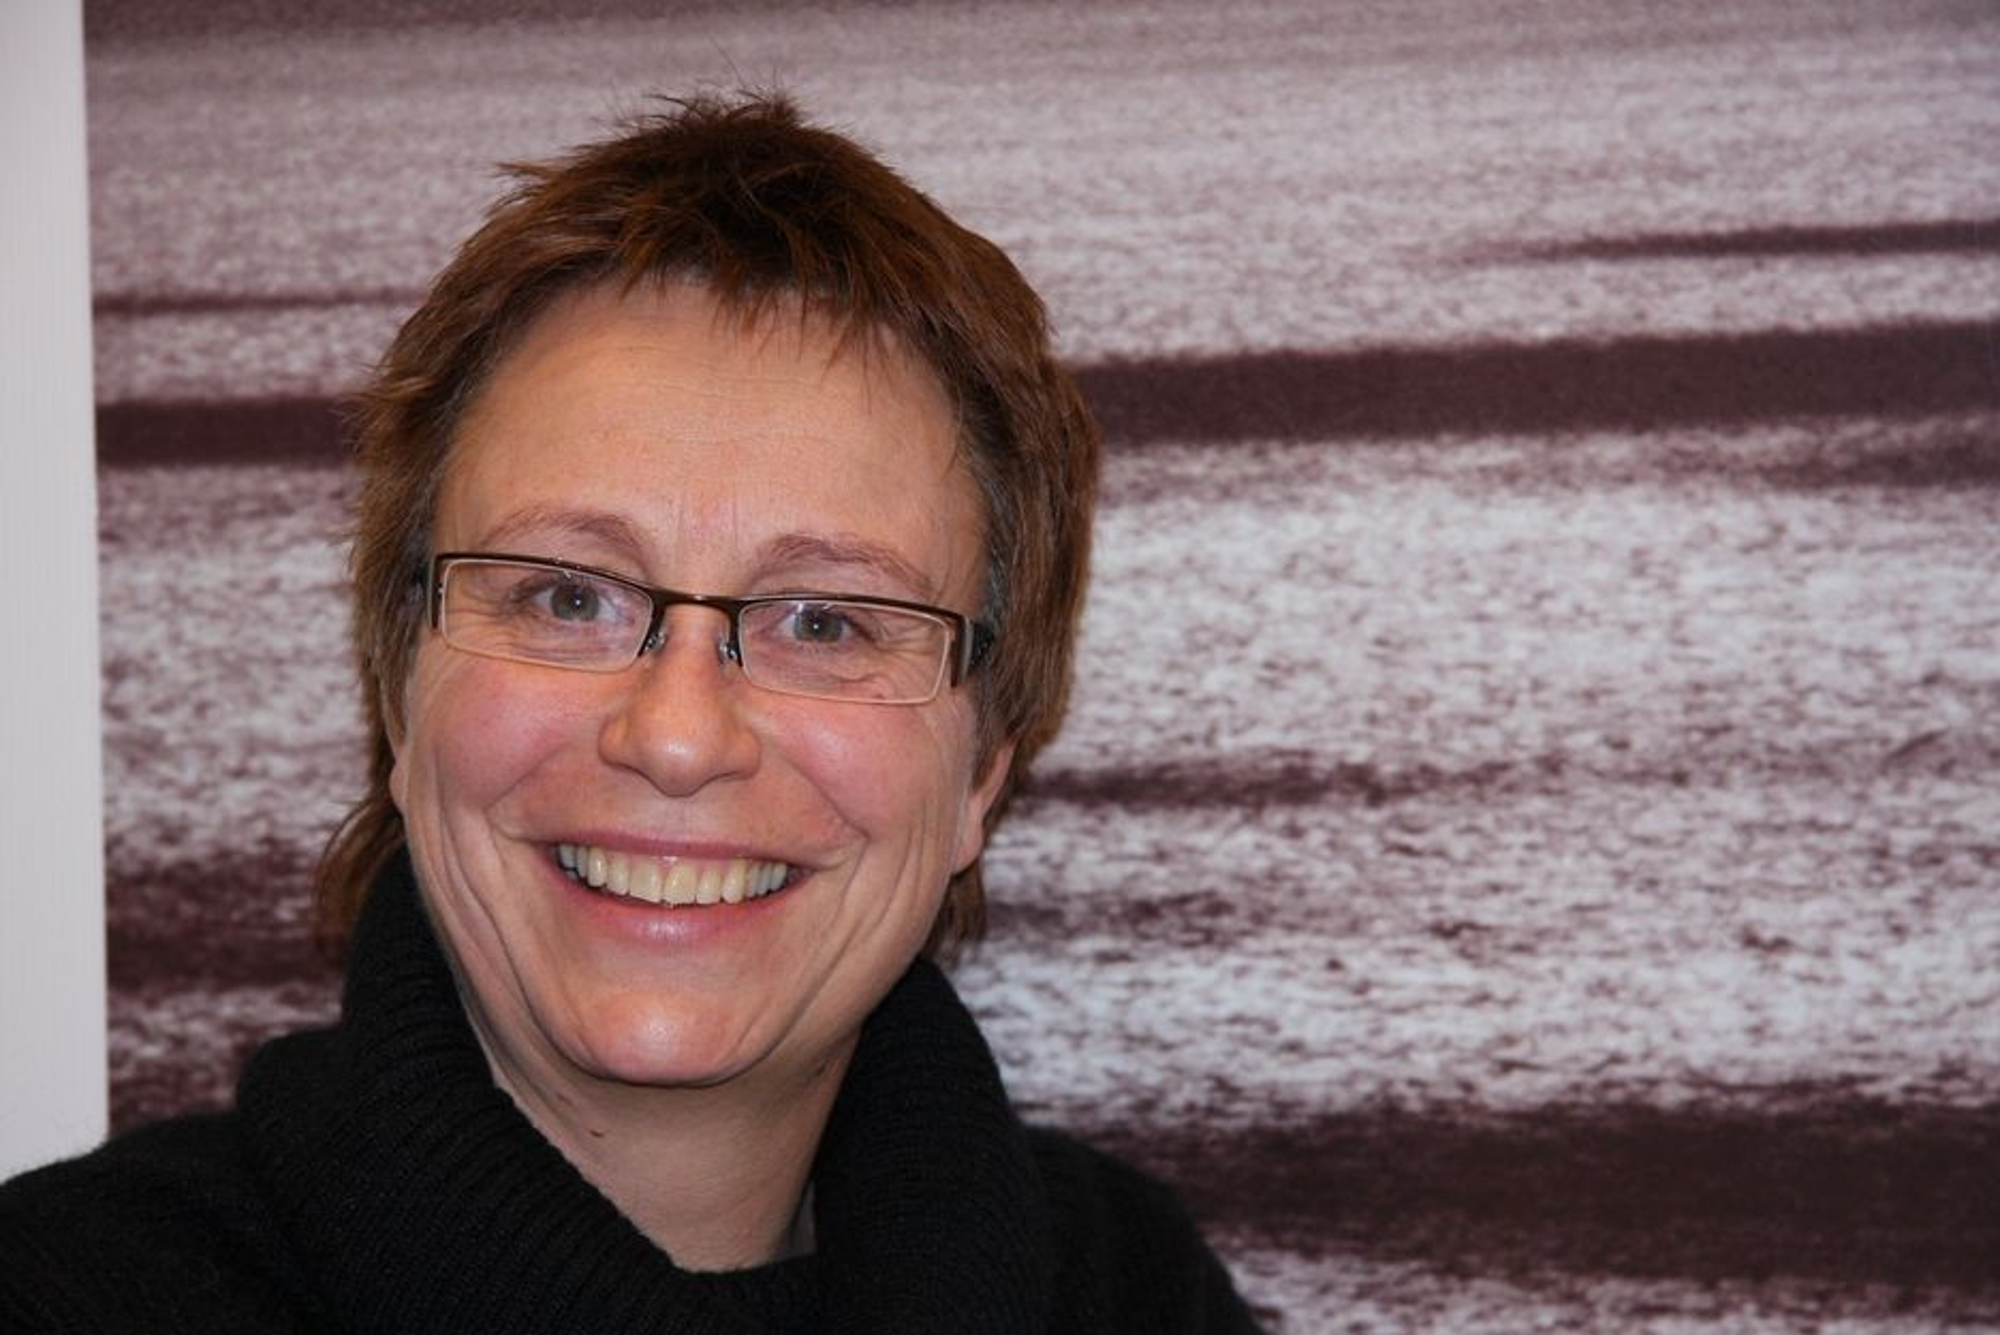 ANSVAR: Skipsredere vil investere i utslippsreduserende tiltak for å få ned klimautslipp. Med kvoteordning blir det attraktivt, mener miljødirektør Hanna Lee Behrens i Rederiforbundet.